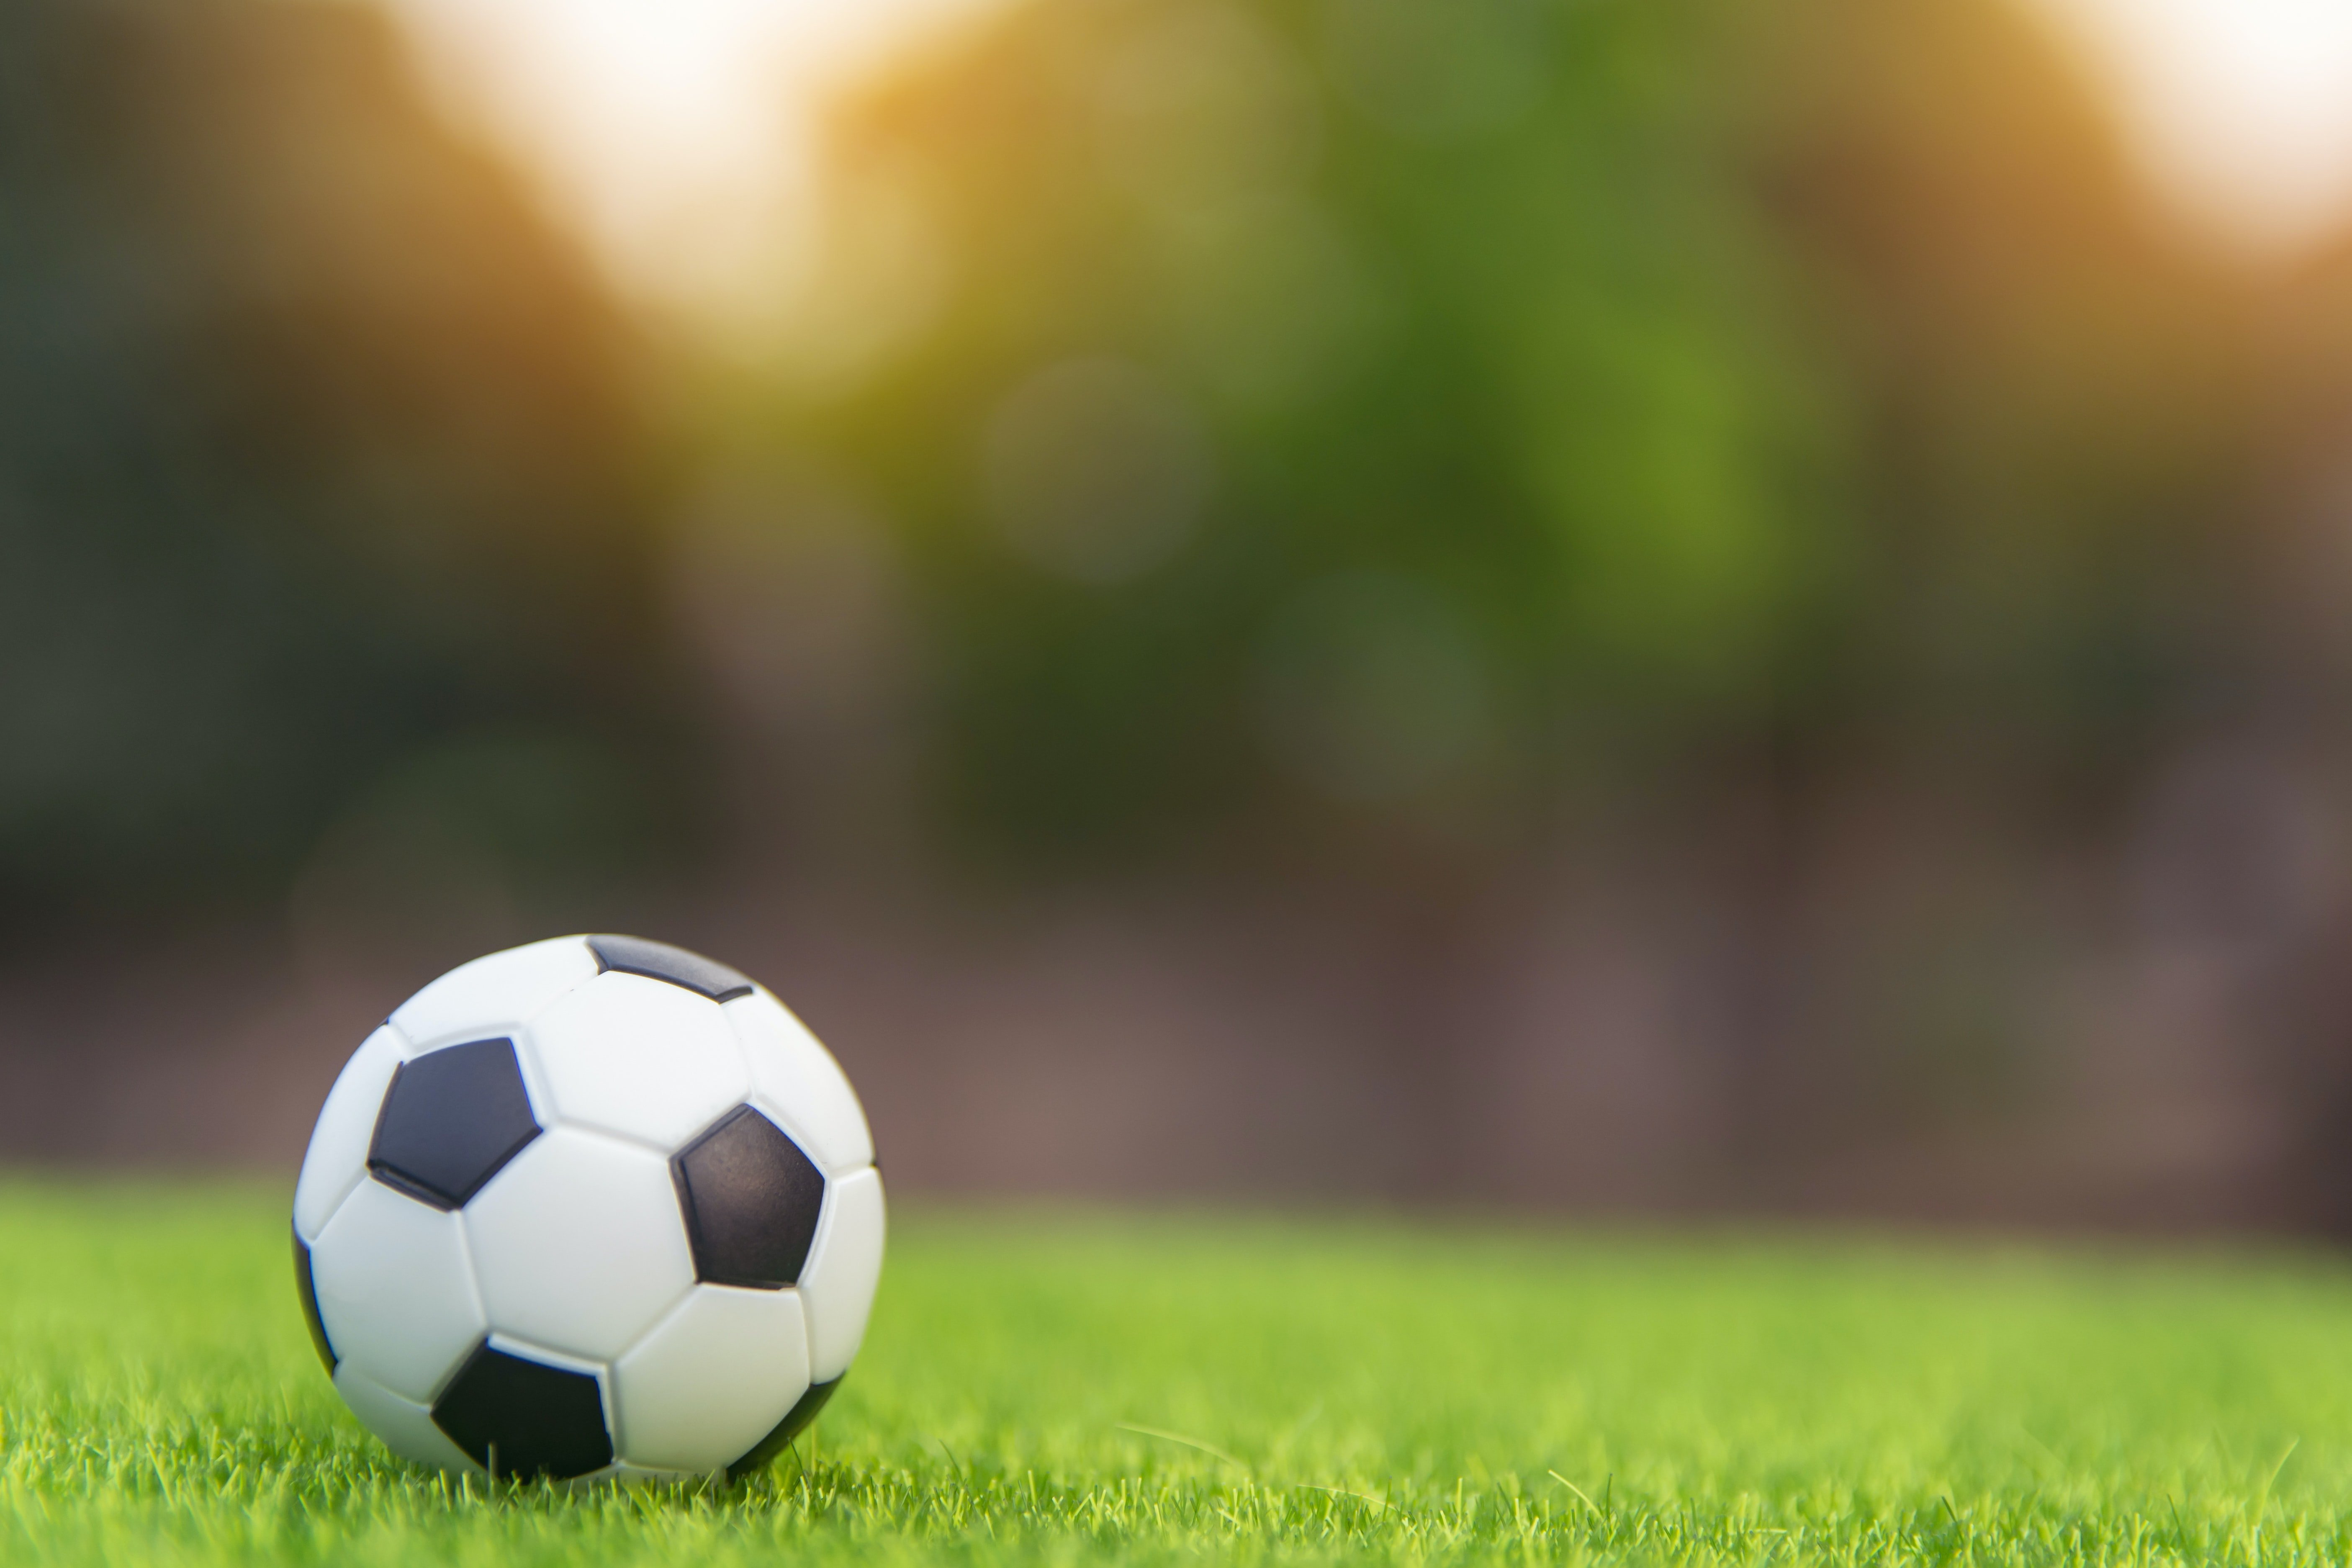 Calcio: come il coronavirus ha cambiato le regole del gioco?